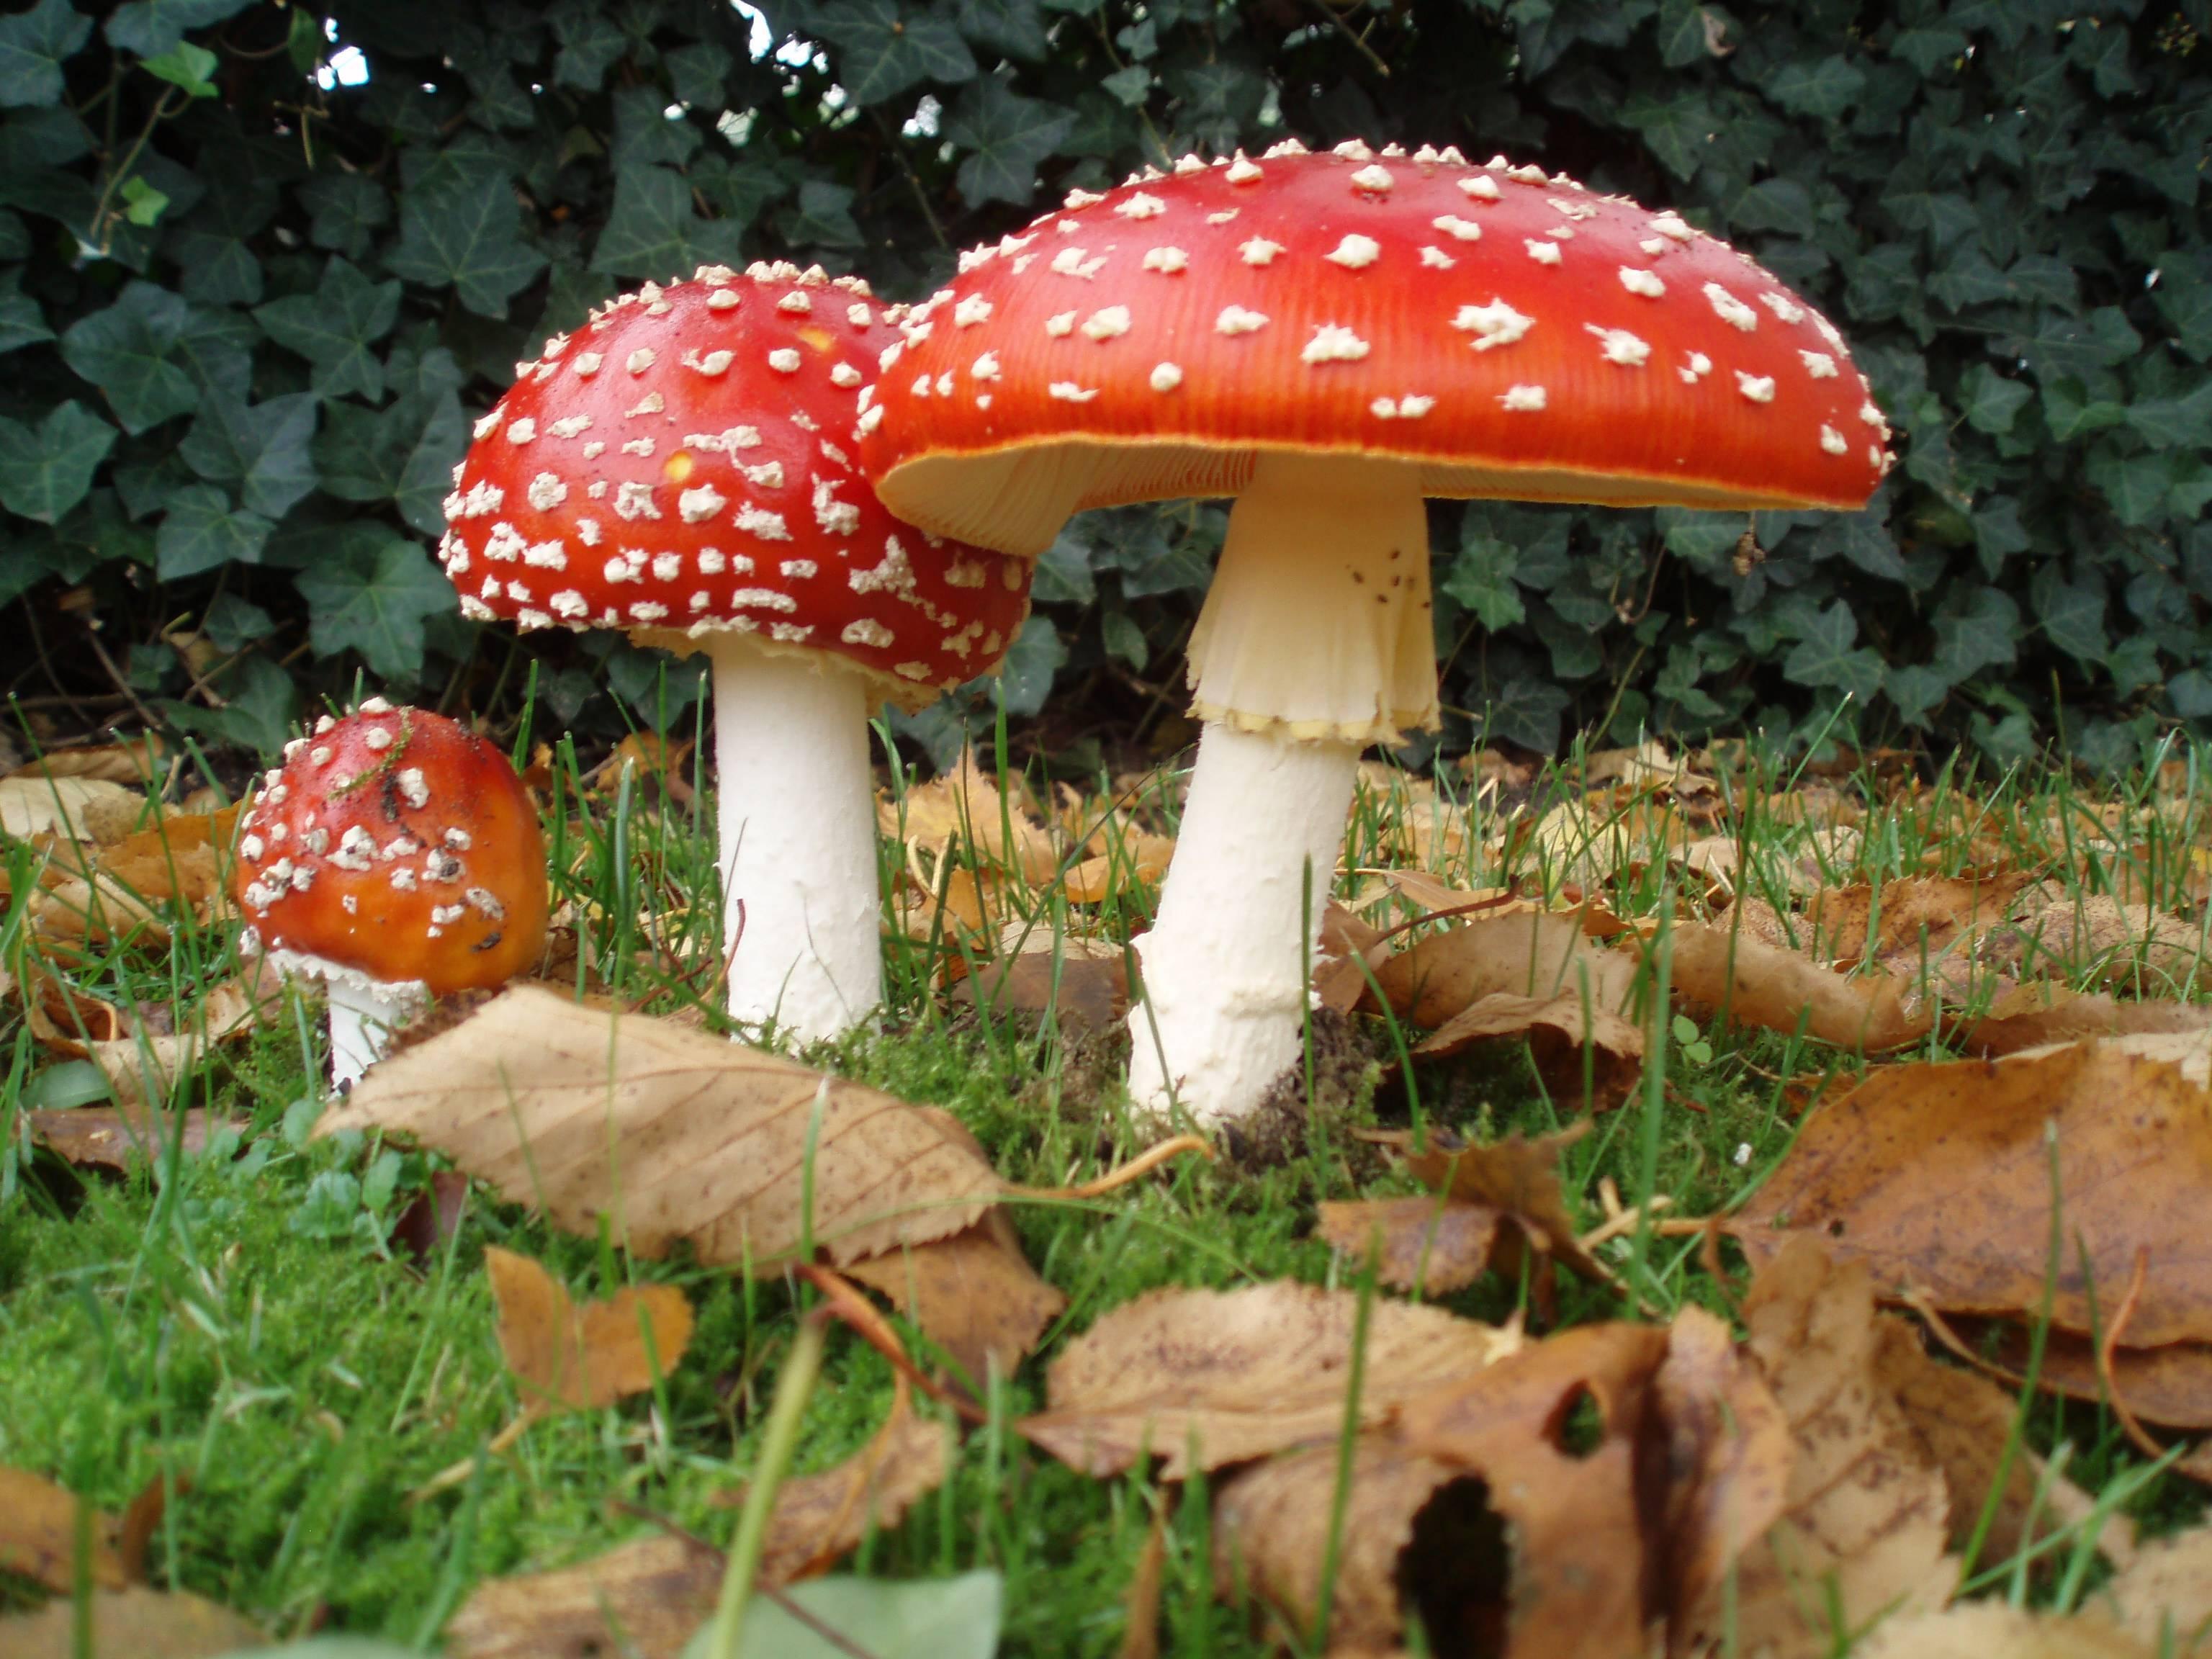 Ядовитый гриб мухомор: фото, применение в народной медицине, где растут несъедобные грибы